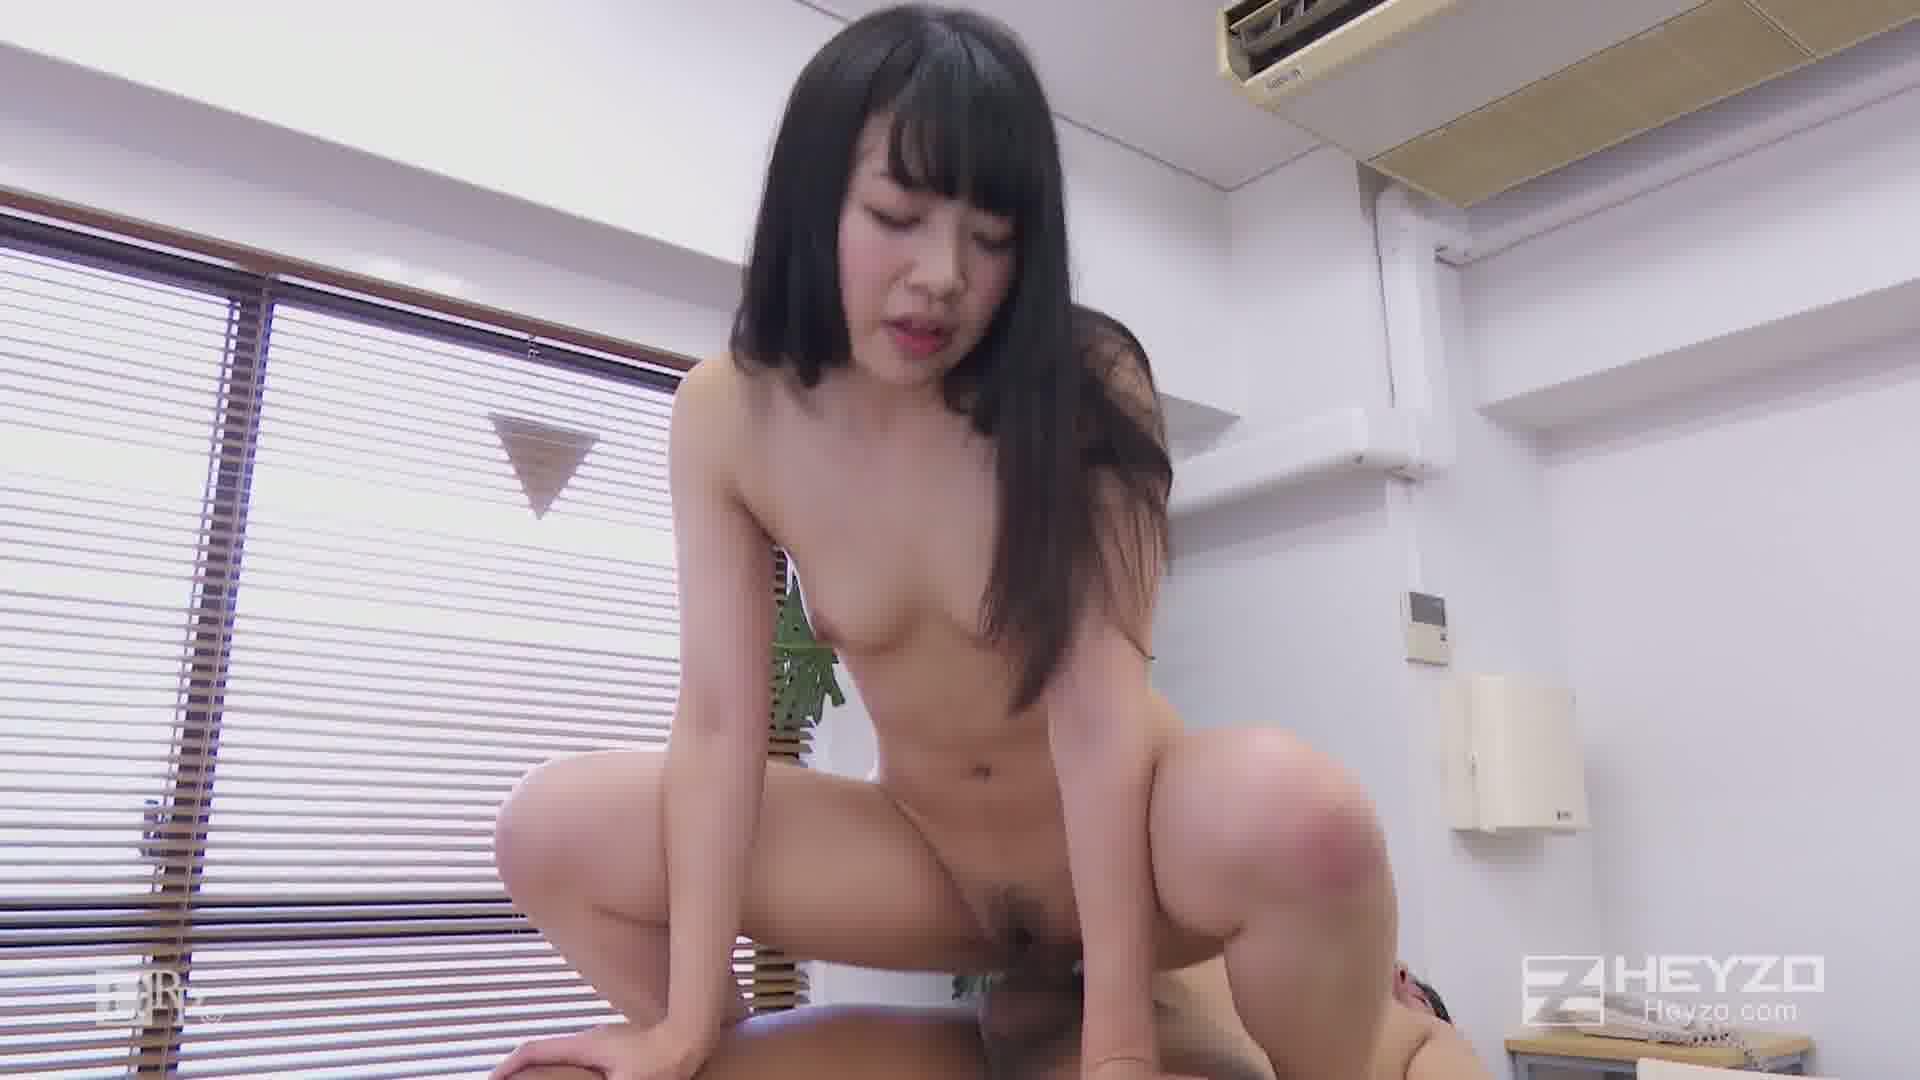 私、正社員になるために性社員になりました 前編 - 綾瀬ゆい【背面騎乗位 騎乗位 正常位 バック】